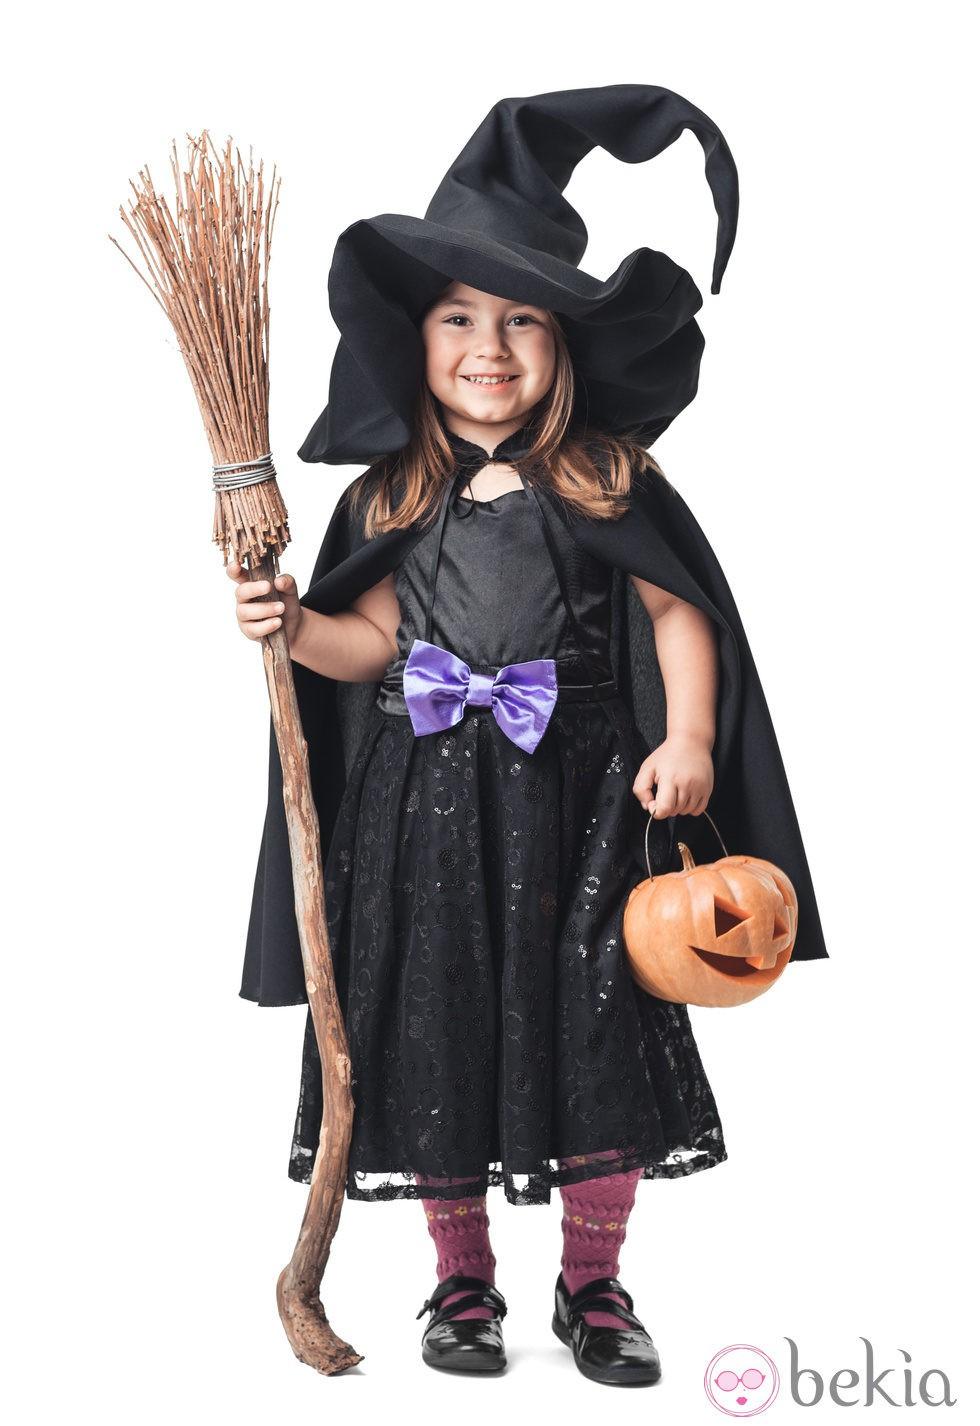 Disfraz de bruja para halloween disfraces de ni os para halloween en bekia padres - Como pintar a una nina de bruja para halloween ...